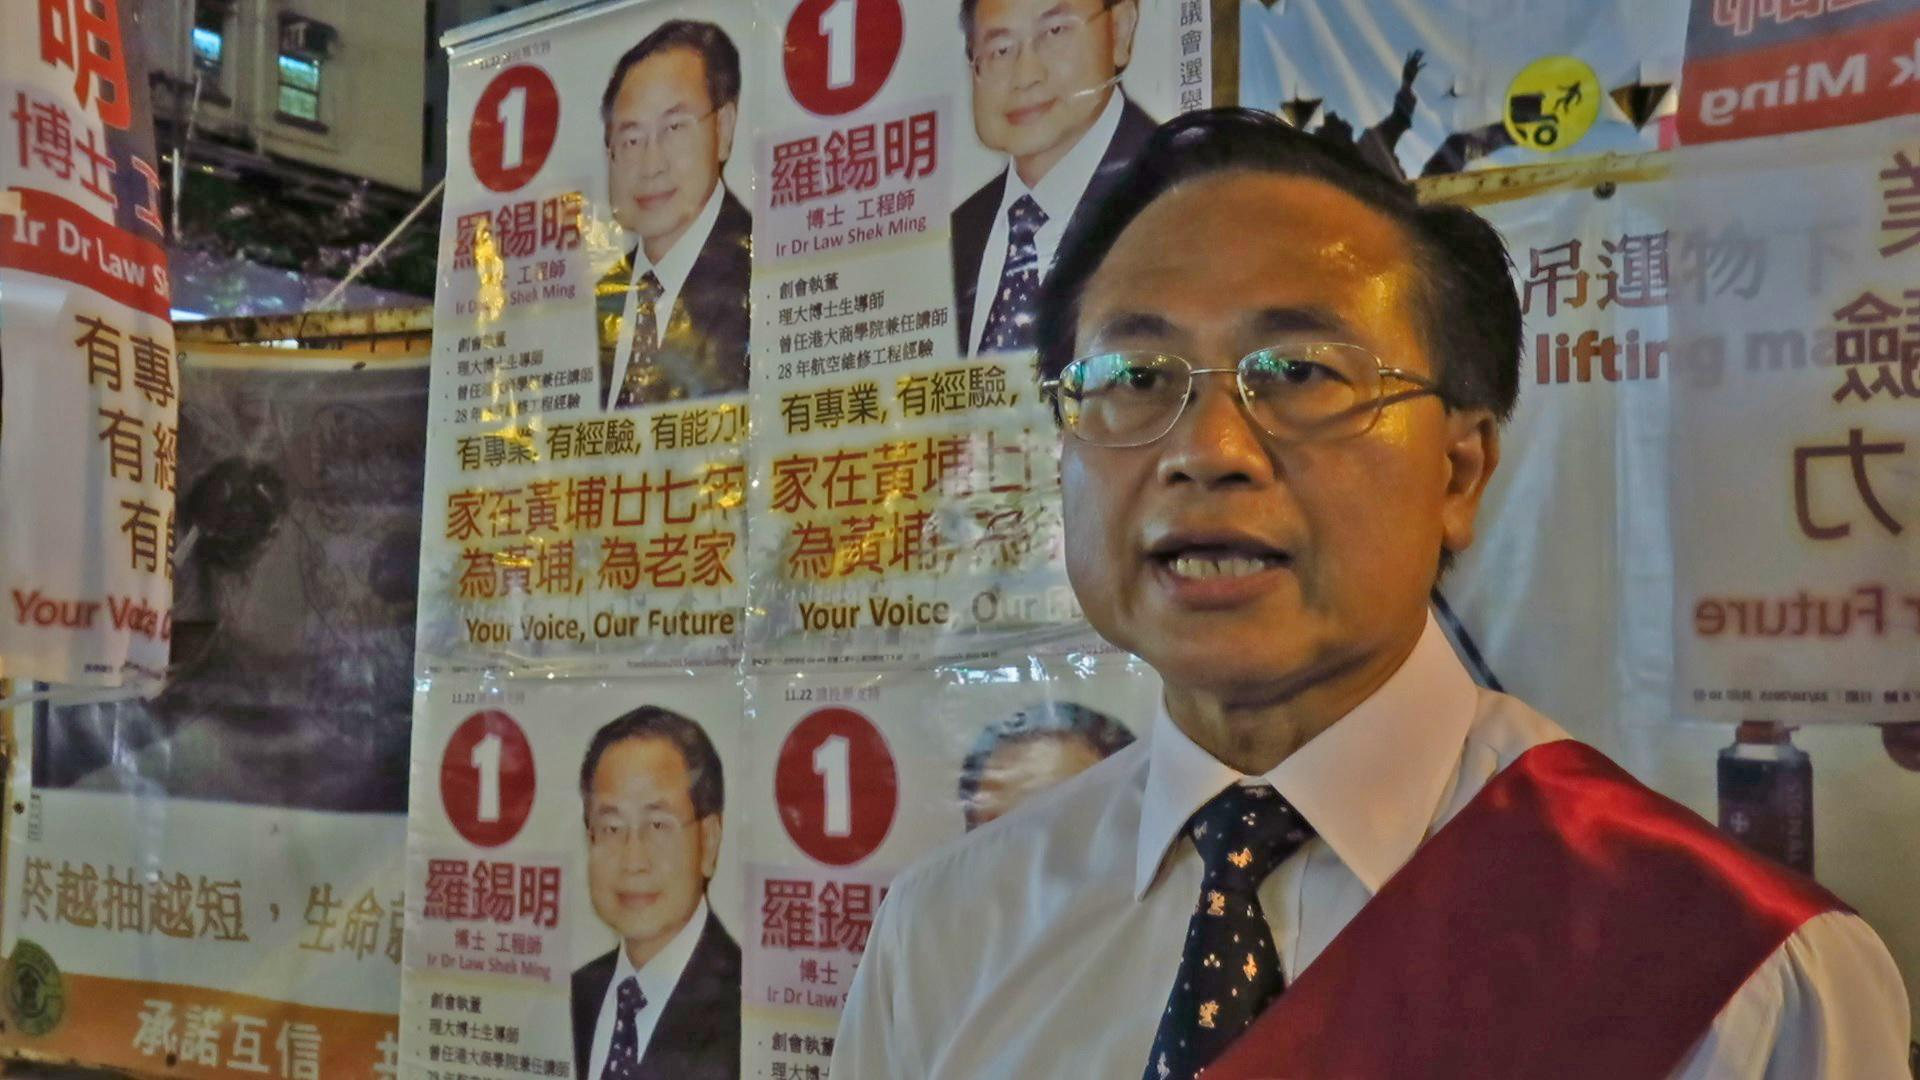 獨立候選人羅錫明為工程師,認為自己憑27年住黃埔的經驗,更能為街坊發聲。